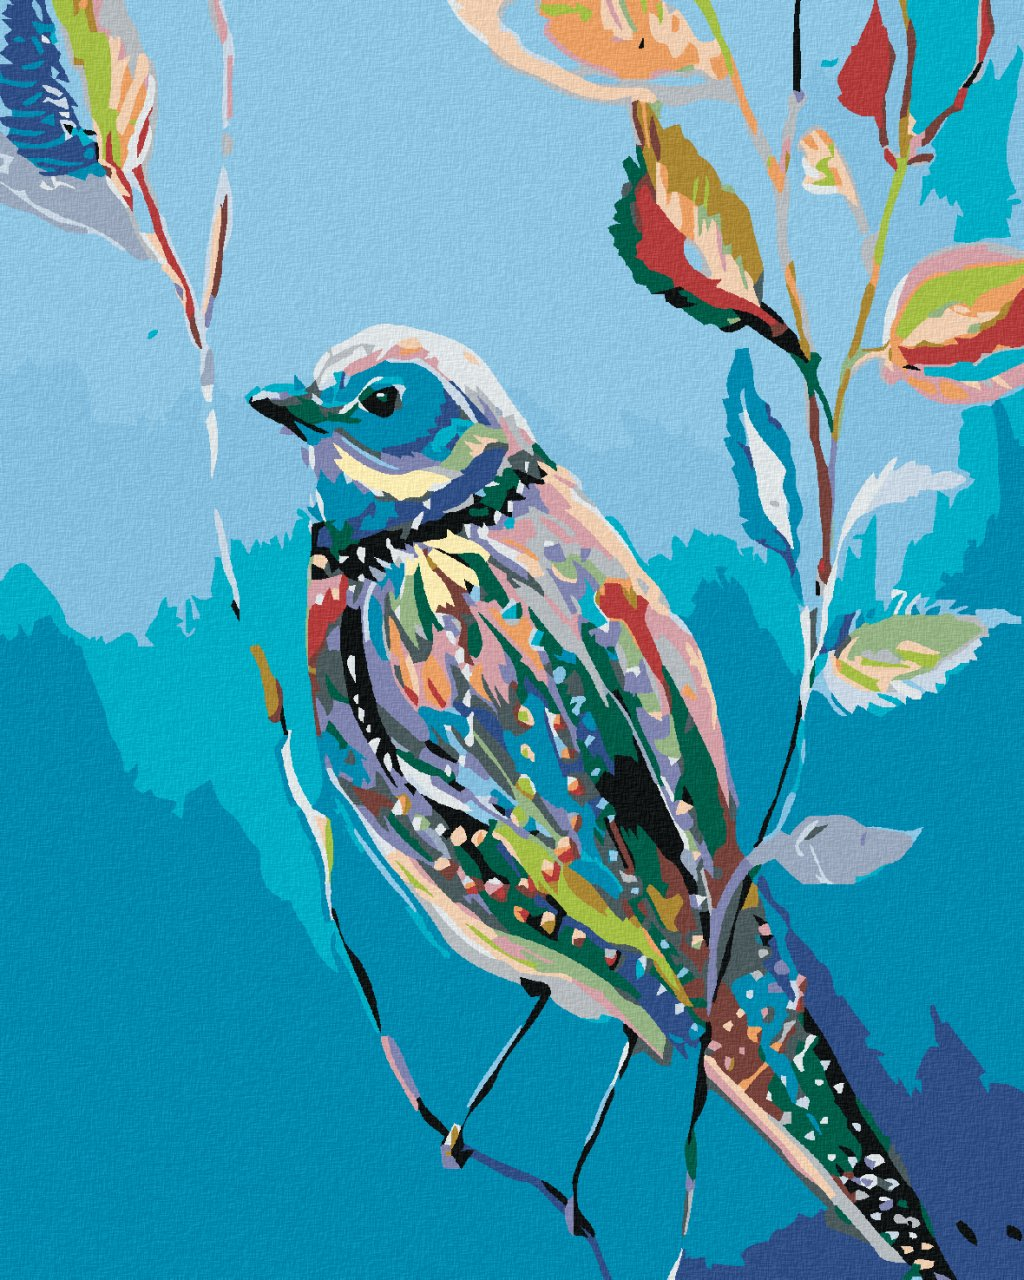 Malování podle čísel - MALOVANÝ PTÁČEK